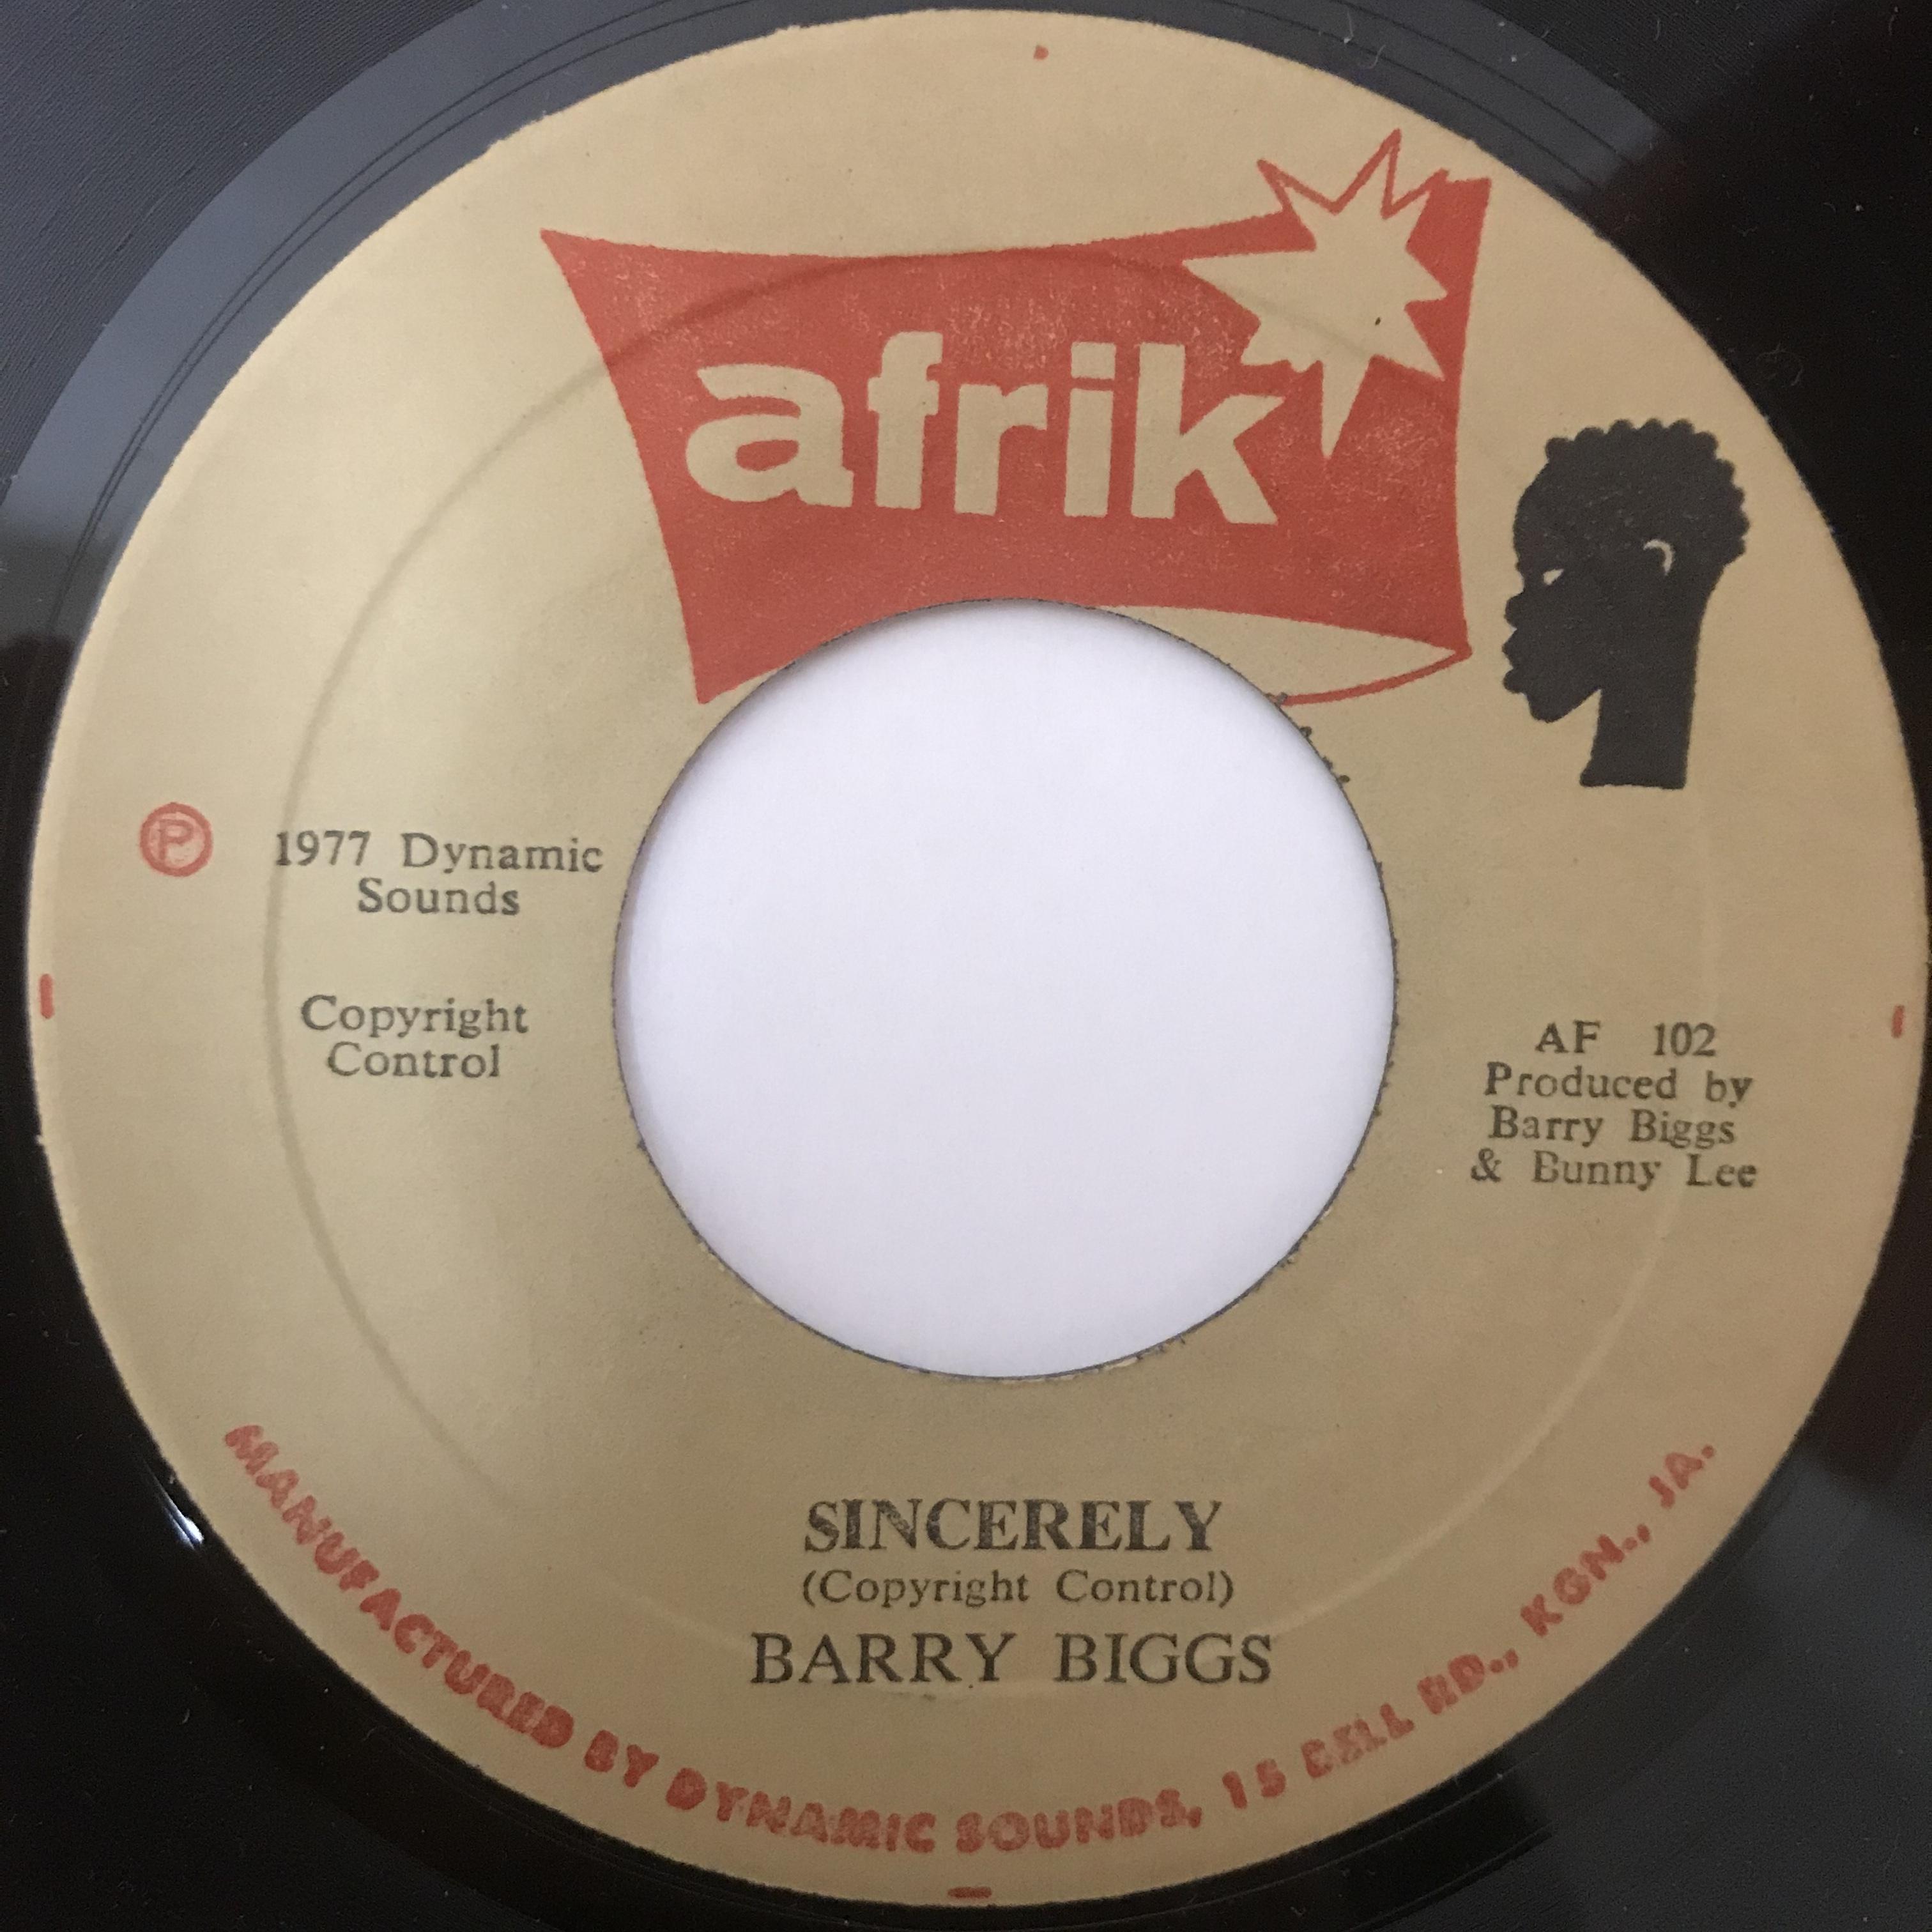 Barry Biggs - Sincerely【7-10889】